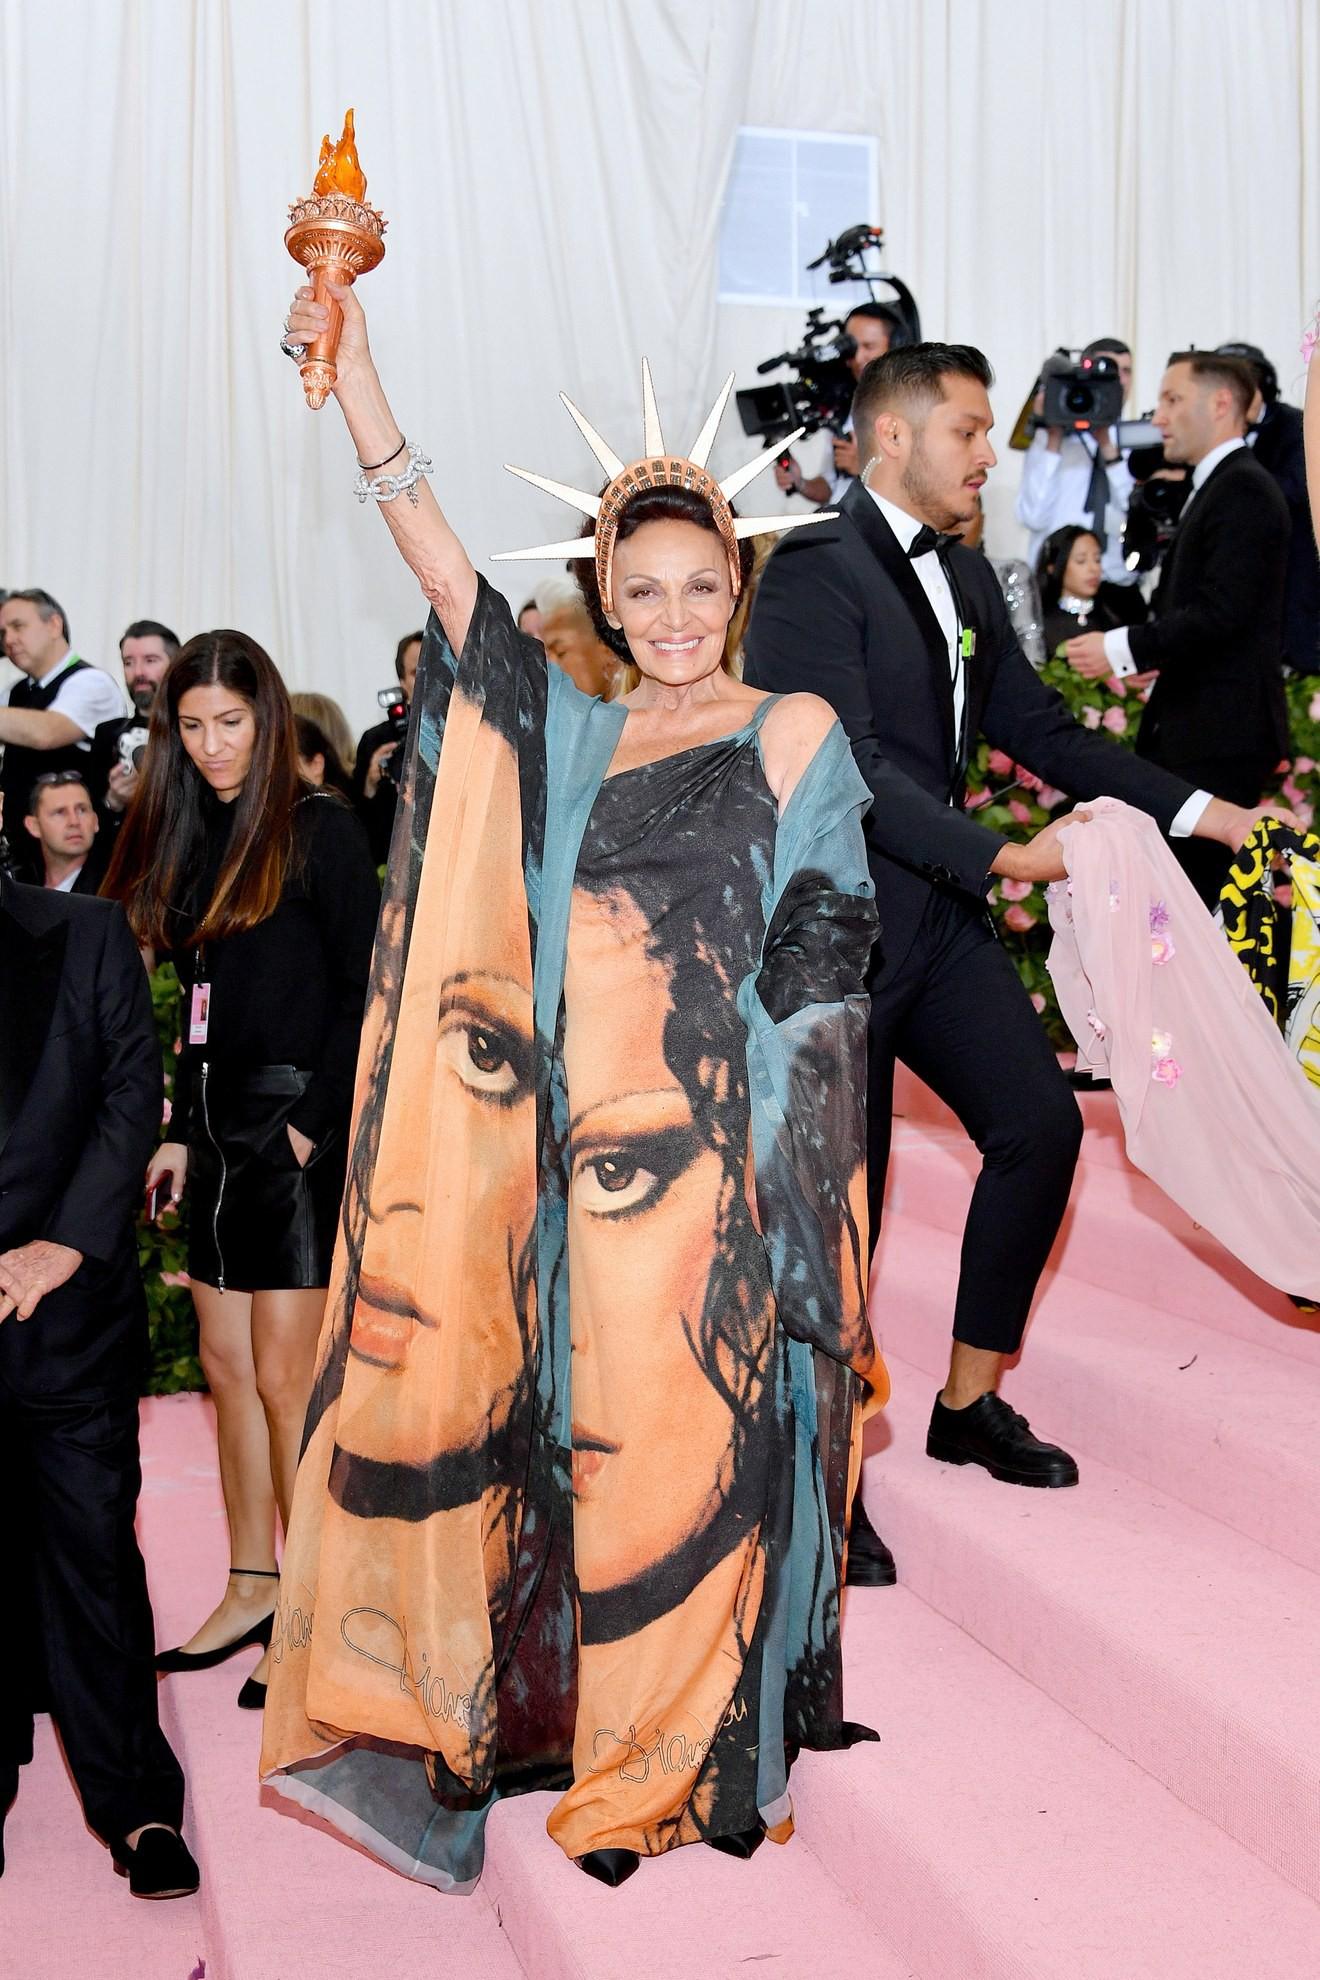 Met Gala 2019: Khó ai chơi lớn bằng Lady Gaga, Katy Perry chuyển từ đèn chùm thành burger nhưng chặt chém không kém là nam nhân dát vàng nằm kiệu - Ảnh 27.